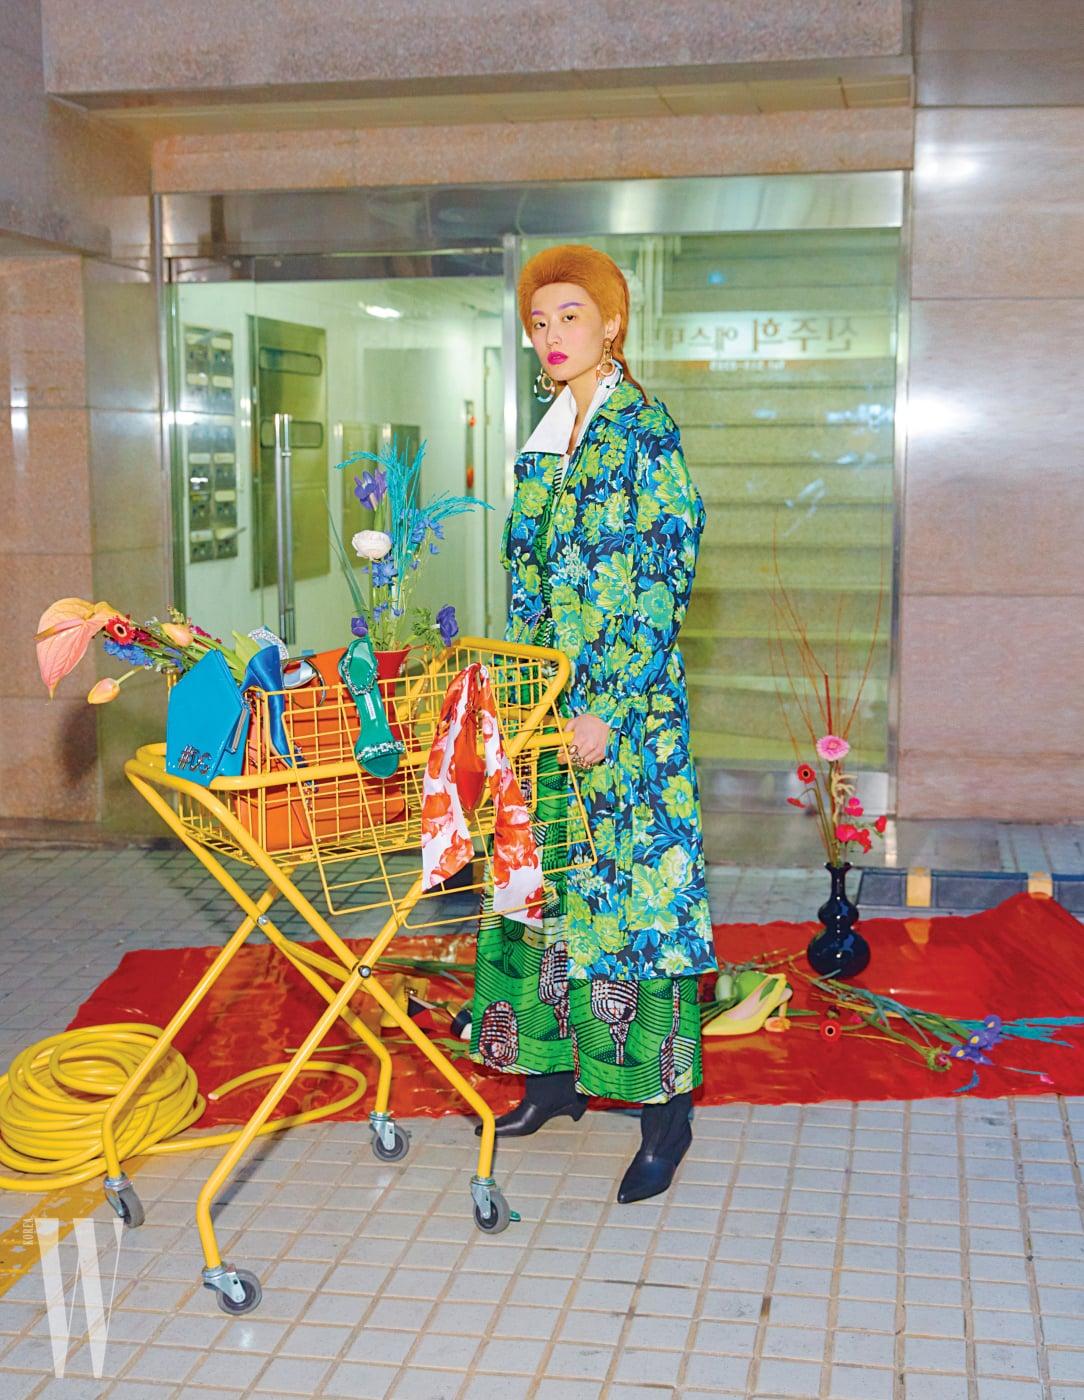 꽃무늬 트렌치코트는 MSGM by ihanstyle.com, 흰색 칼라가 돋보이는 화려한 프린트의 롱 드레스와 검정 부츠는Stella McCartney, 조형적인 귀고리는 Bimba Y Lola, 반지는 Bottega Veneta 제품. 카트에 놓인 오각형의 하늘색 페이턴트 가죽 백은 Dolce & Gabbana, 파란색, 초록색, 하늘색의 주얼 장식 새틴 힐은 모두 Manolo Blahnik, 큼직한 붉은색 가죽 백과 스카프 장식의 붉은색 페이턴트 힐은 Salvatore Ferragamo 제품. 바닥에 놓인 컬러 블록 패턴의 로퍼는 Bally, 검정 스톤 장식의 노란색 로퍼와 레몬색 슬링백 슈즈는 Stuart Weitzman 제품.